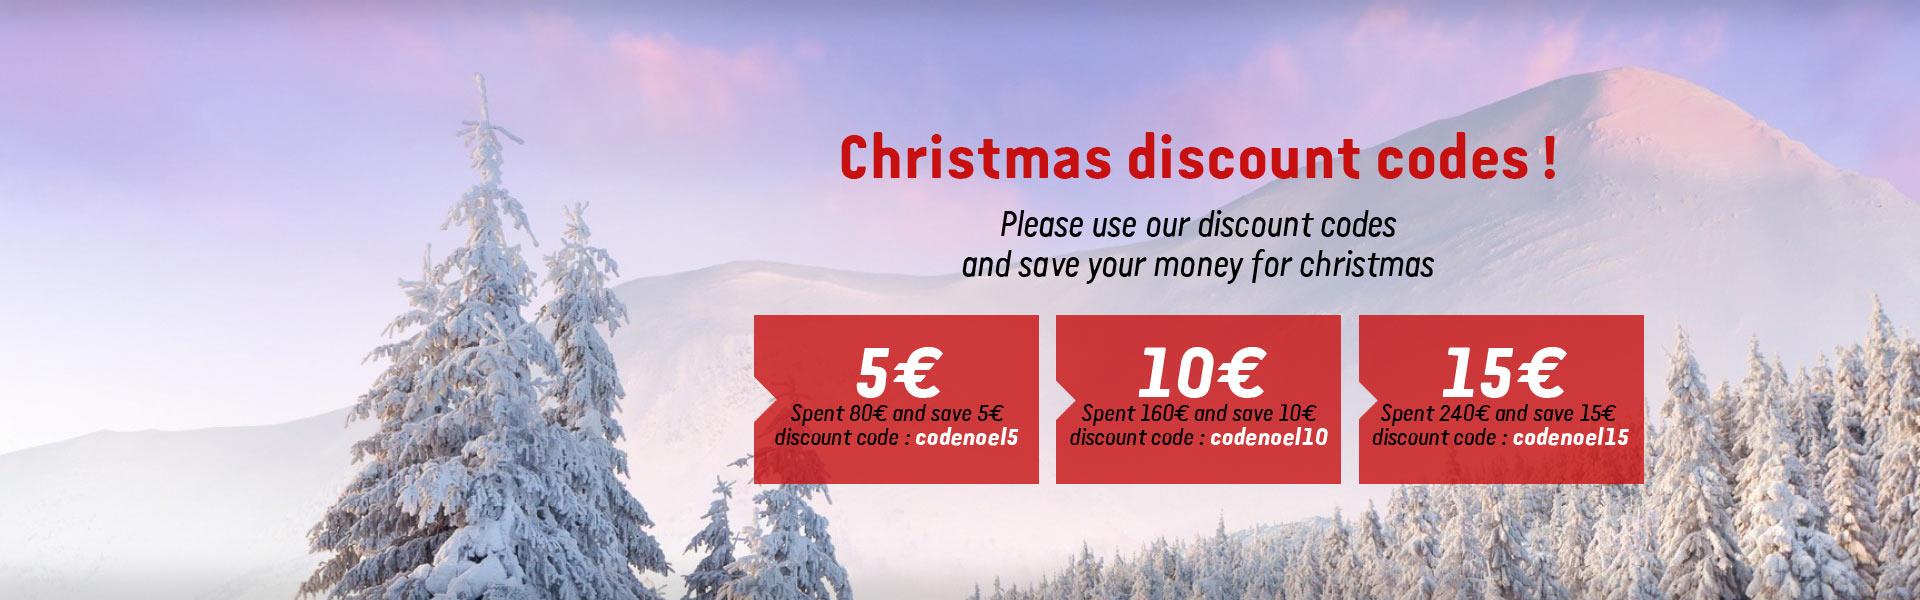 Xmas discount code